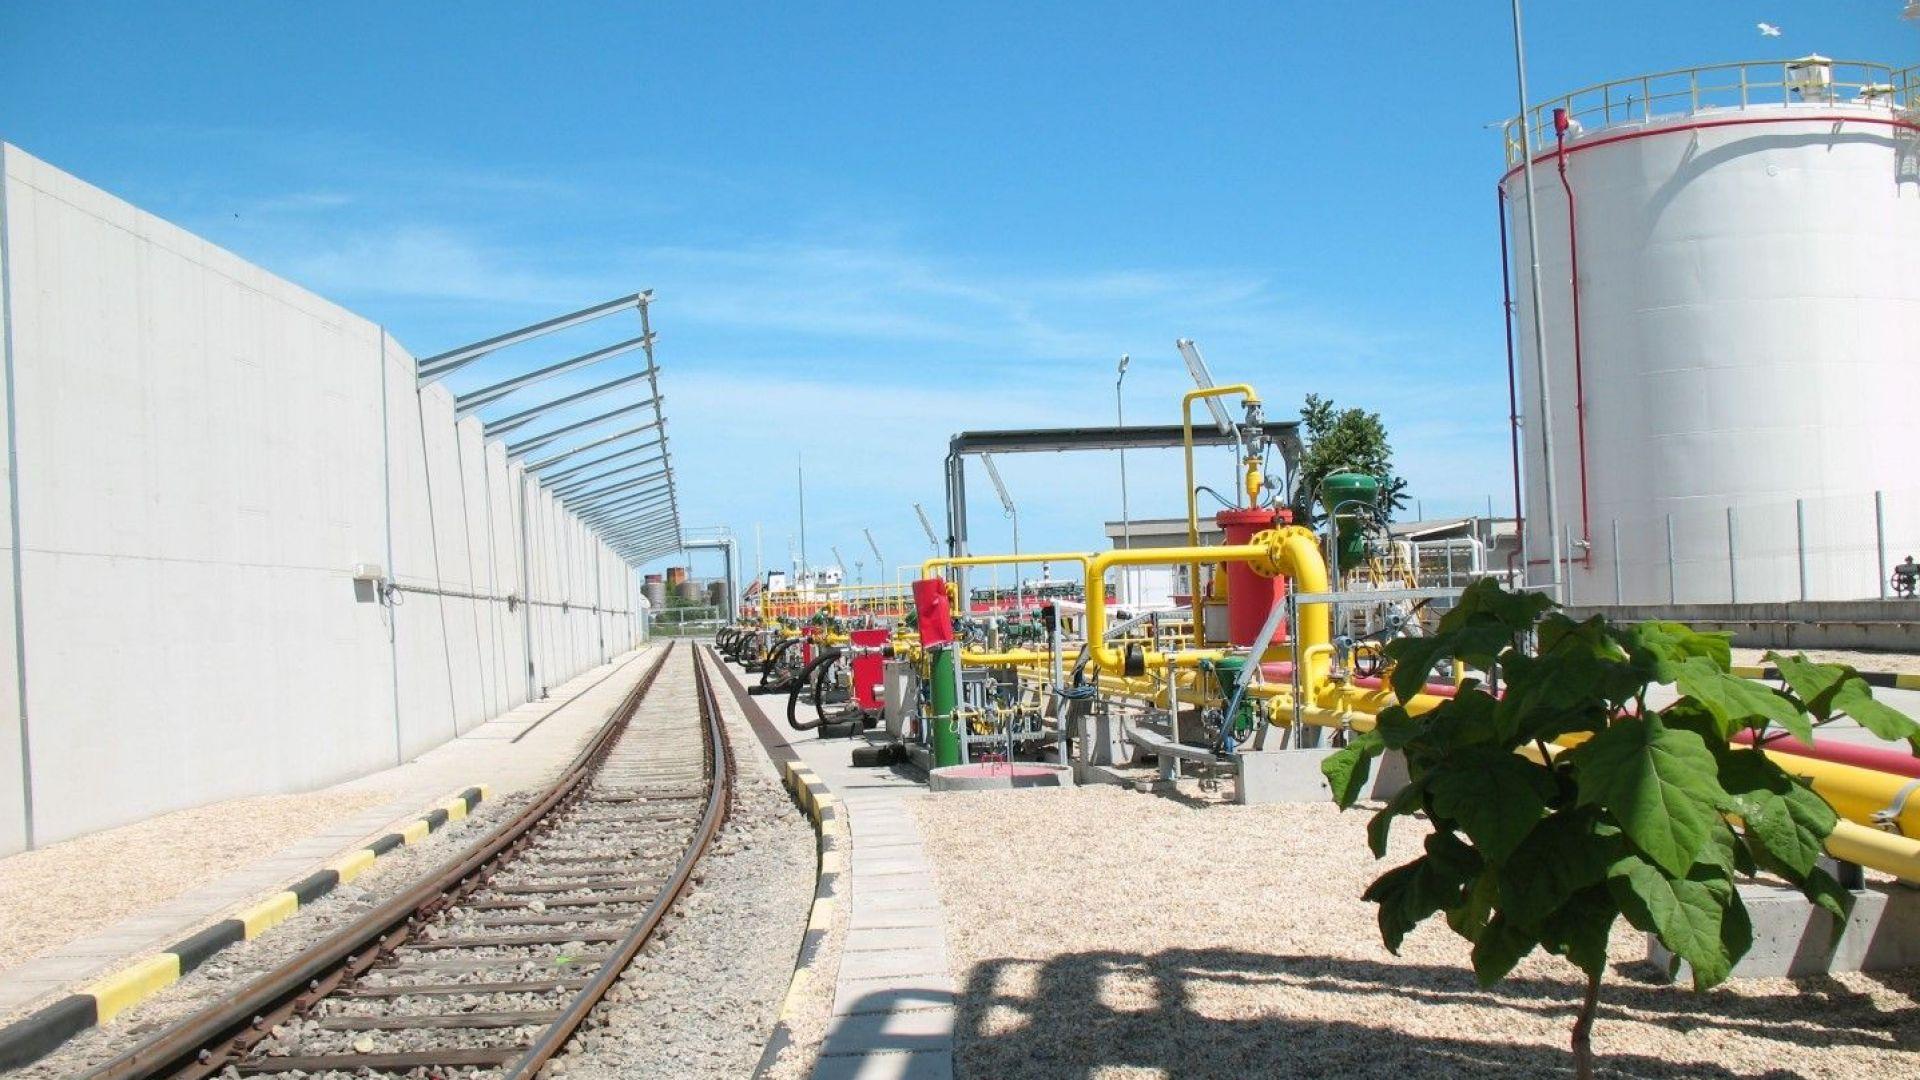 БМФ Порт Бургас е вложило милиони за да изпълни всички изисквания за пренос на газ и петрол